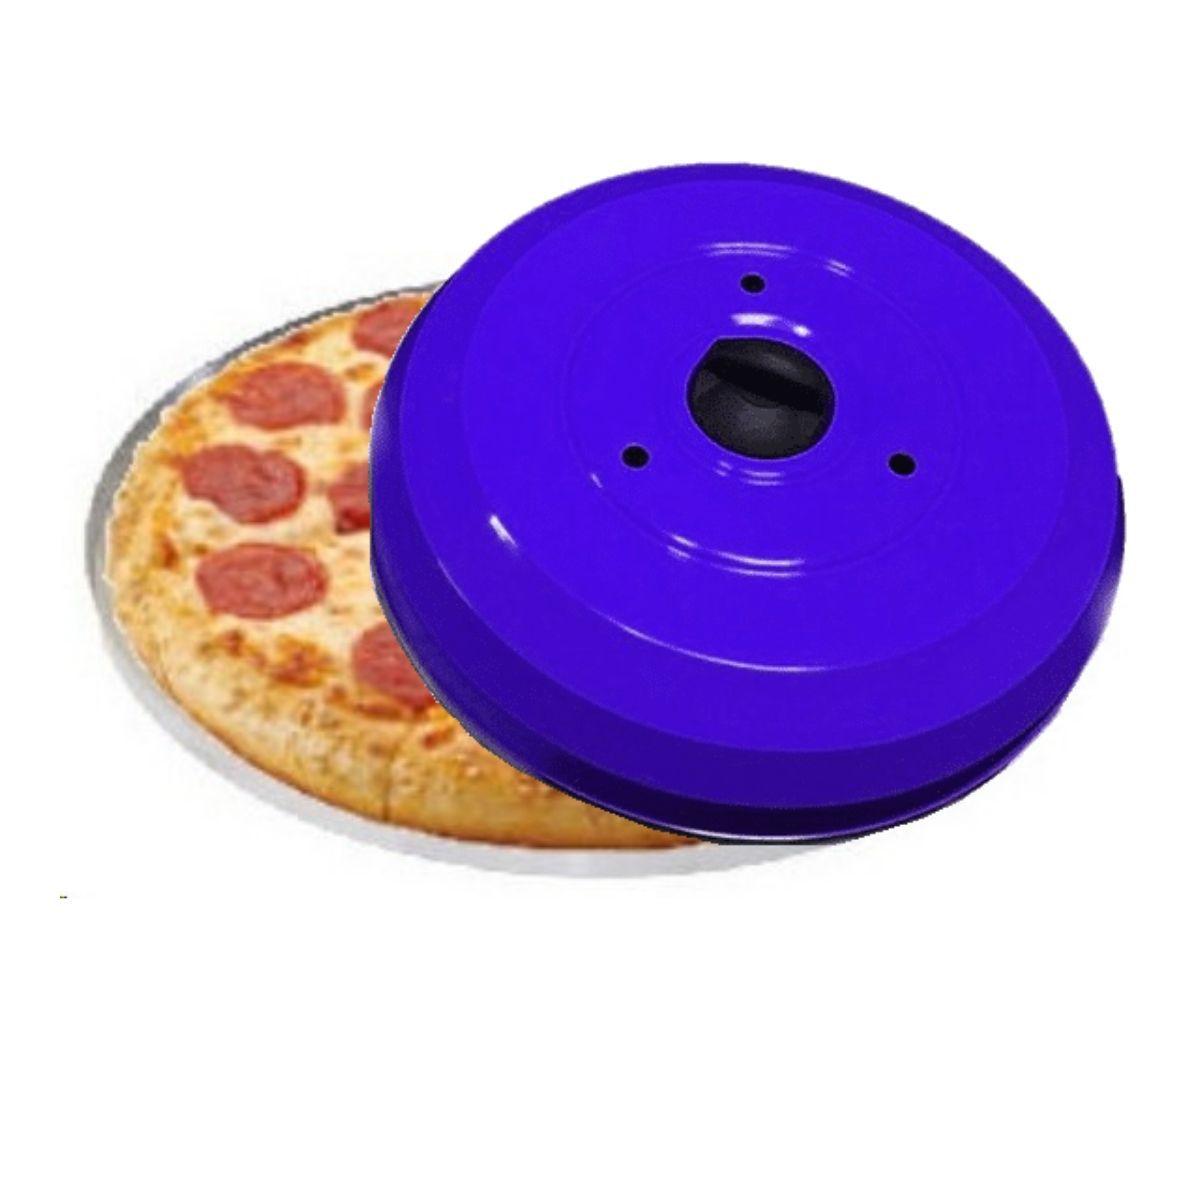 Kit Pizzaria Profissional Com Abafador De Pizza E Churrasco Azul Com Forma De Pizza 35cm